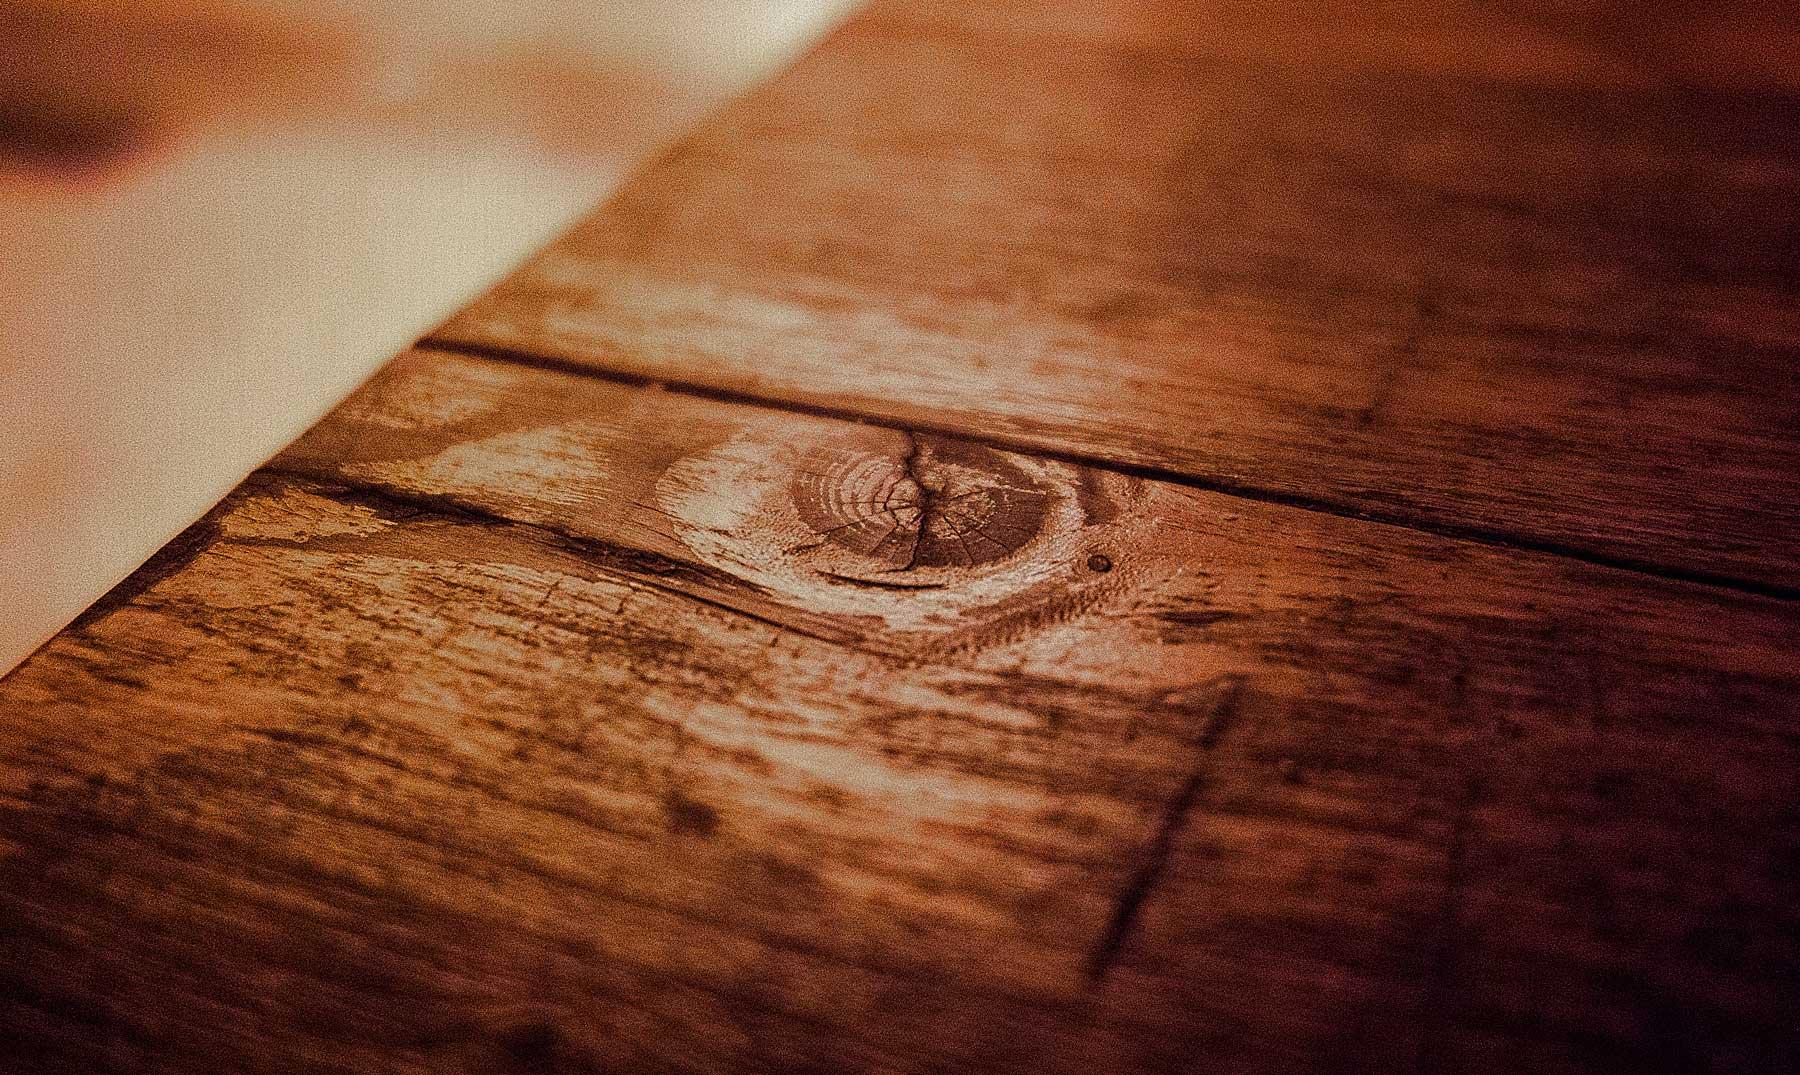 ¿Por qué 'tocamos madera' para obtener suerte